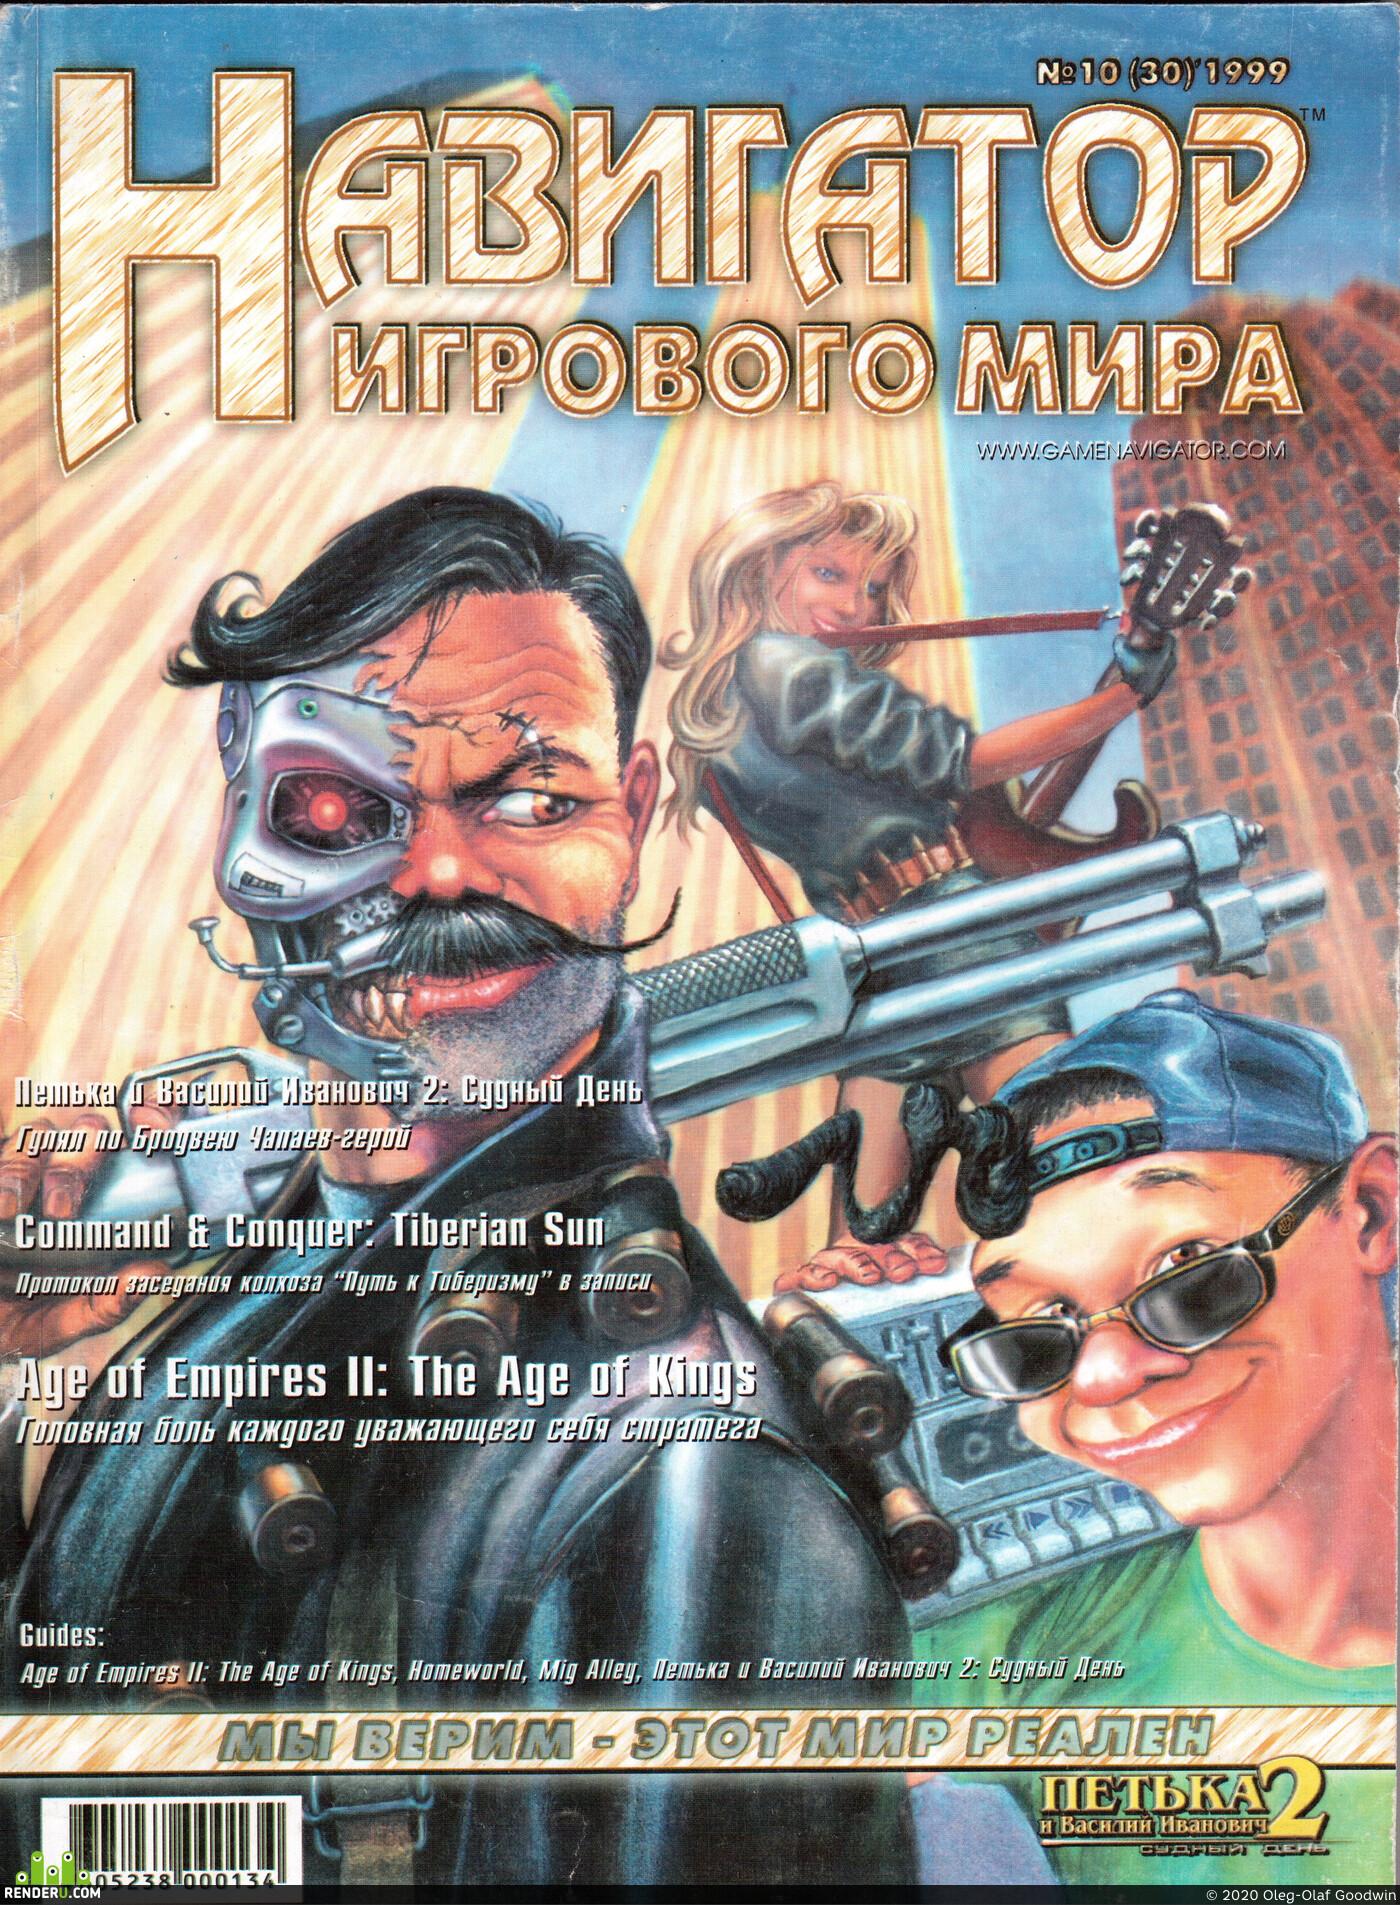 обложка, рисунок, акварель, компьютерные игры, Петька и Василий ИВанович